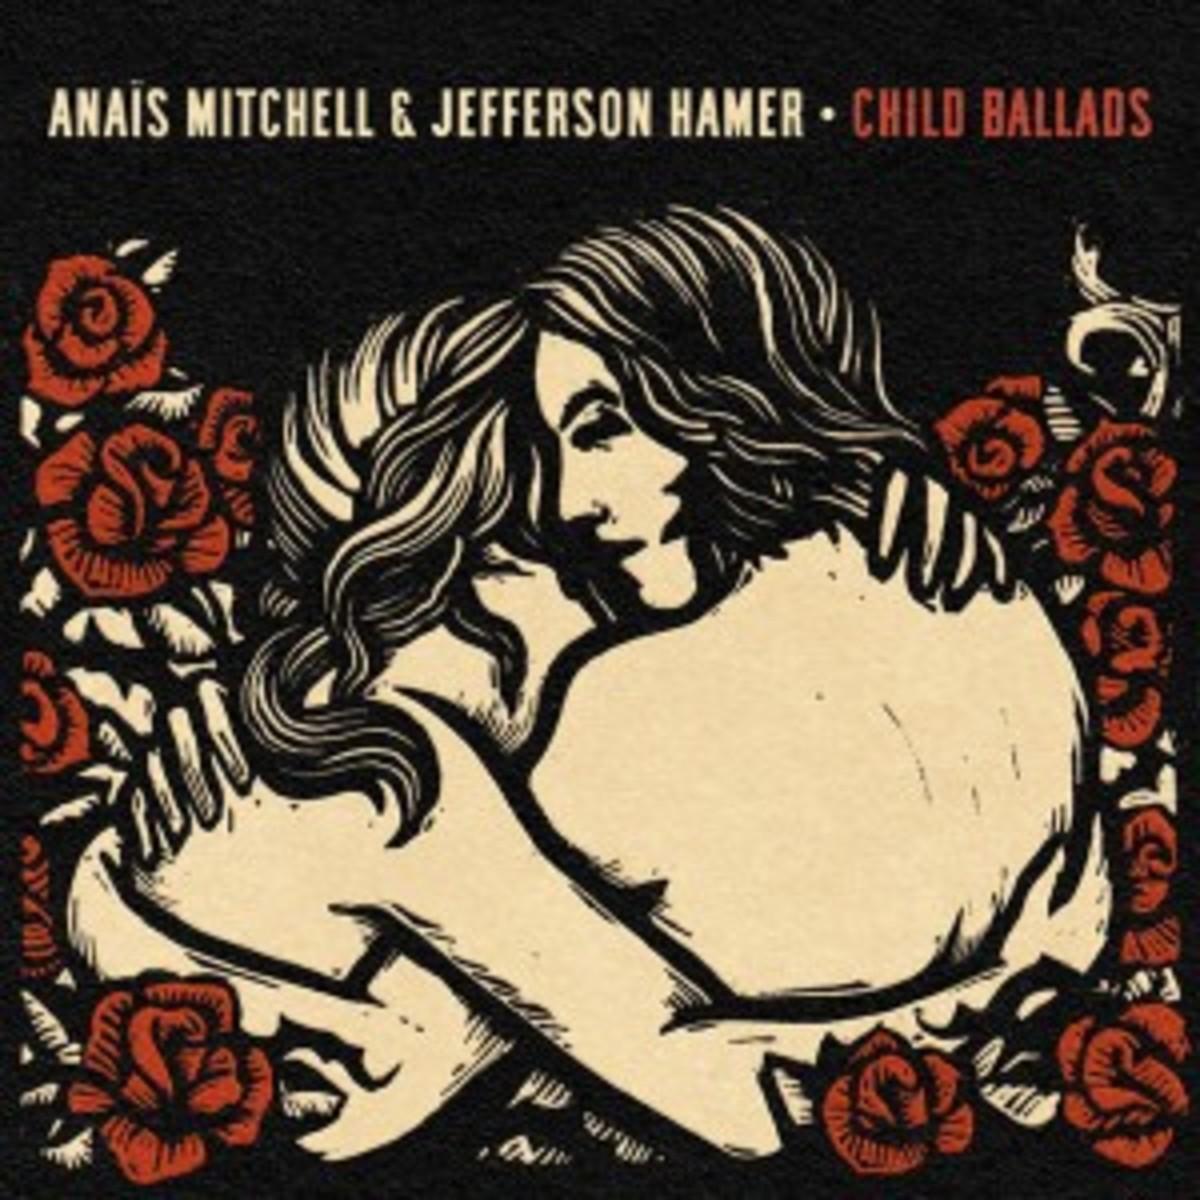 anais-mitchell-jefferson-hamer-child-ballads